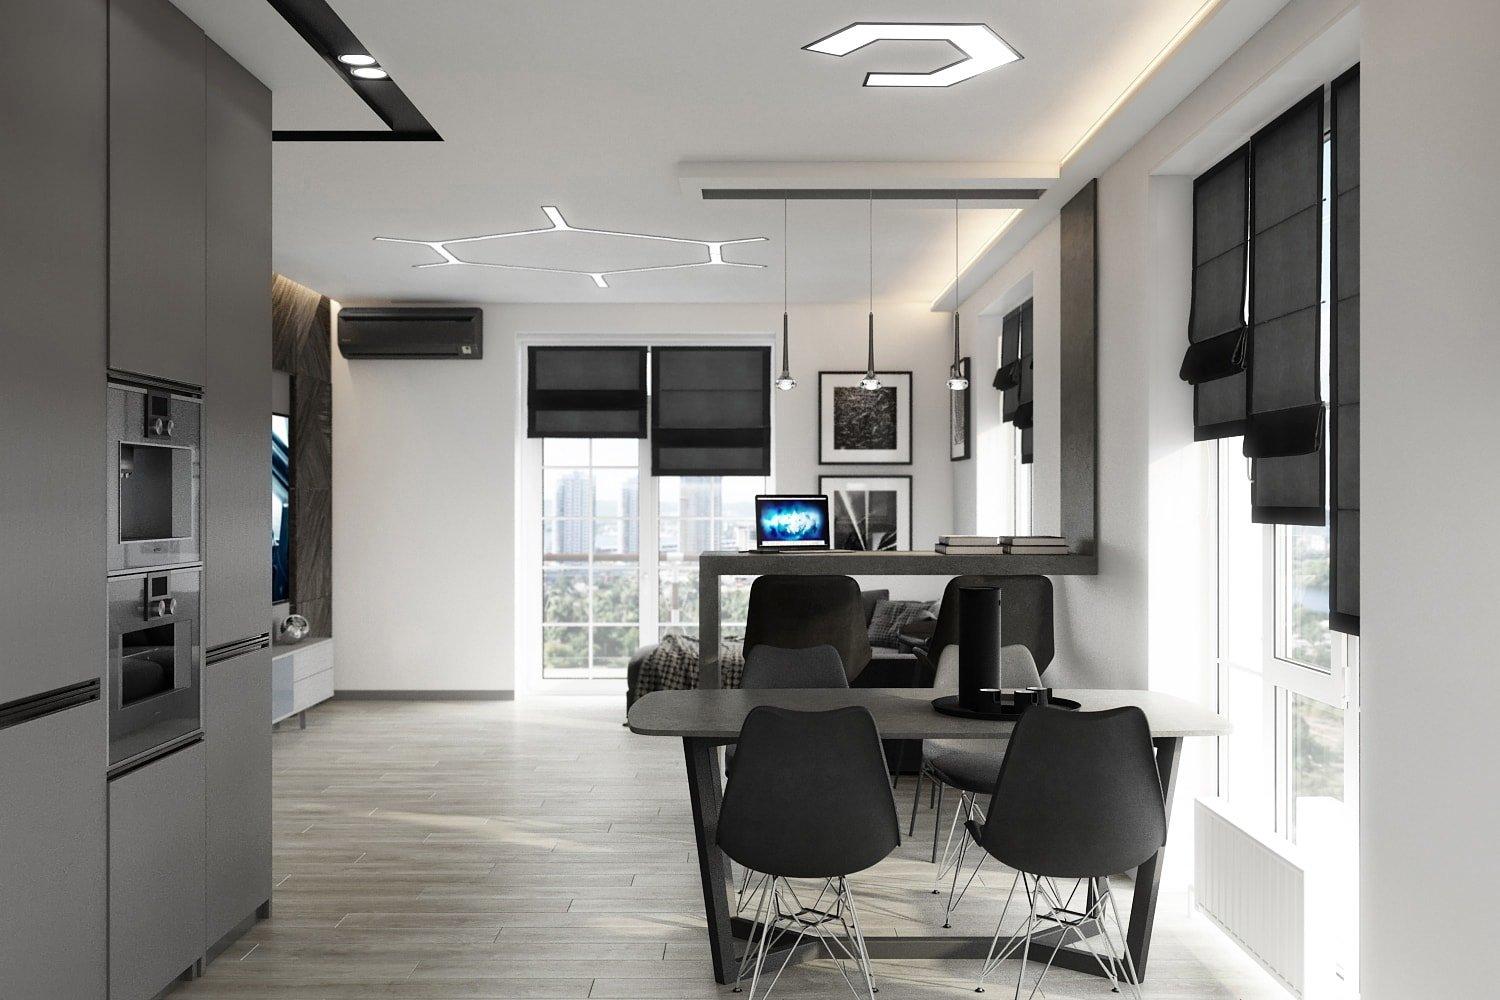 Как создать единый дизайн помещения